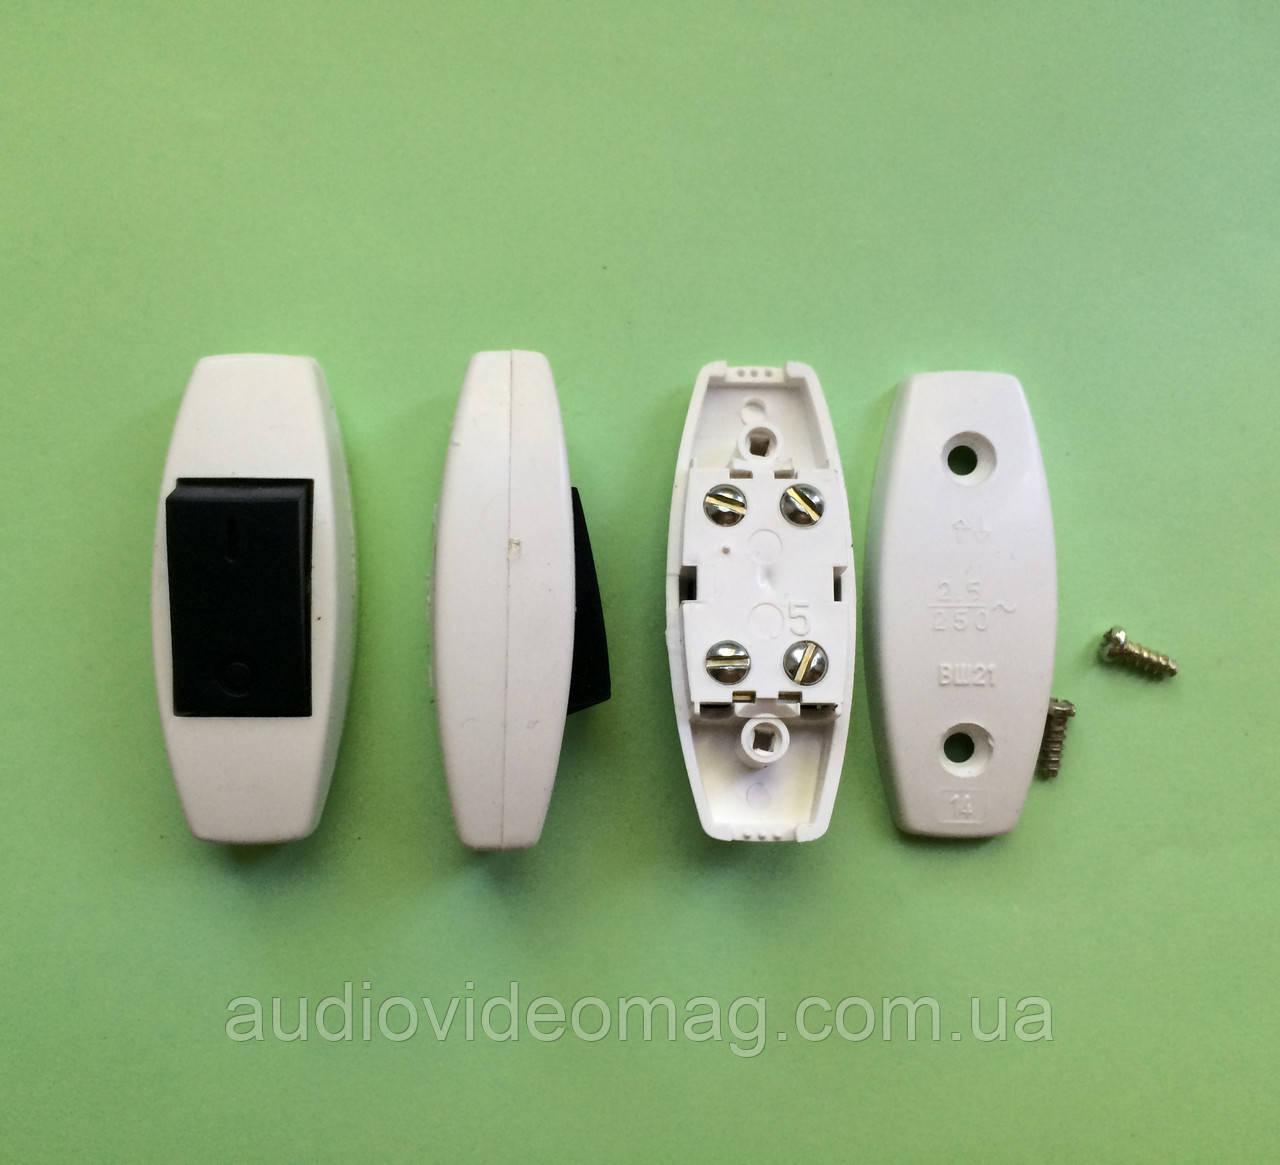 Выключатель для бра белый с черной клавишей